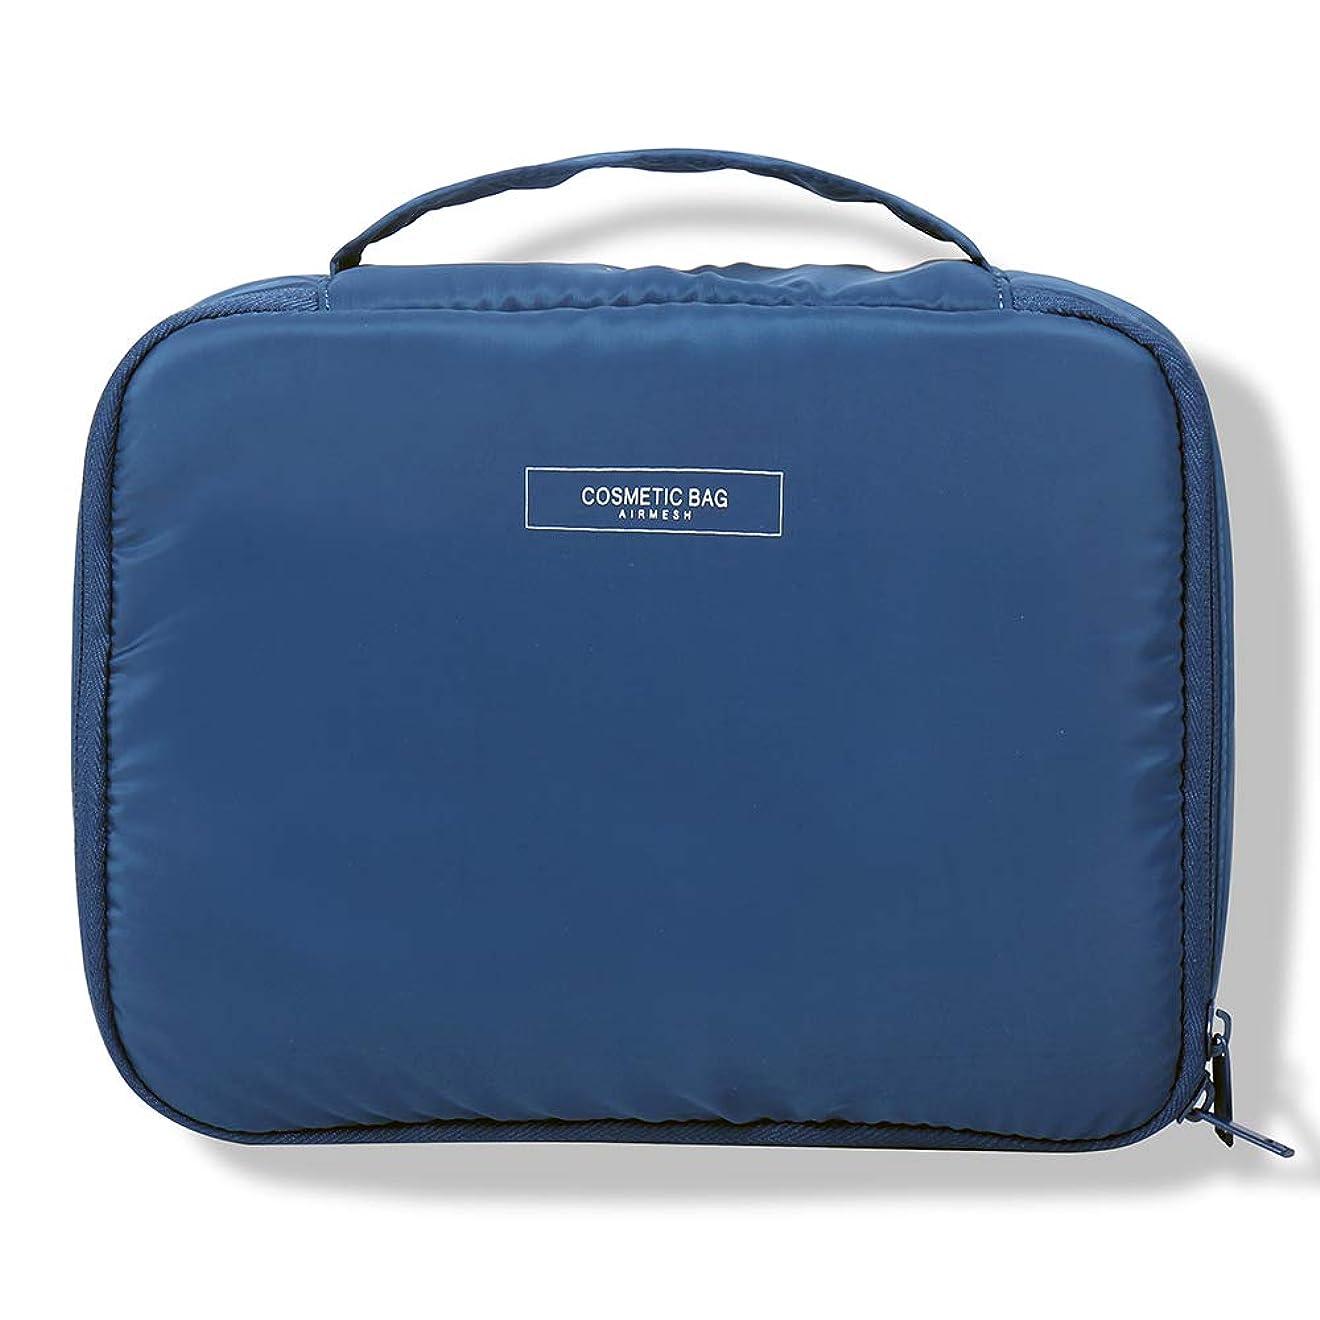 前売ばか食欲メイクボックス 高品質 機能的 大容量 化粧ポーチ メイクブラシバッグ 収納ケース スーツケース?トラベルバッグ 化粧 バッグ メイクブラシ 化粧道具 小物入れ 旅行 ネビー